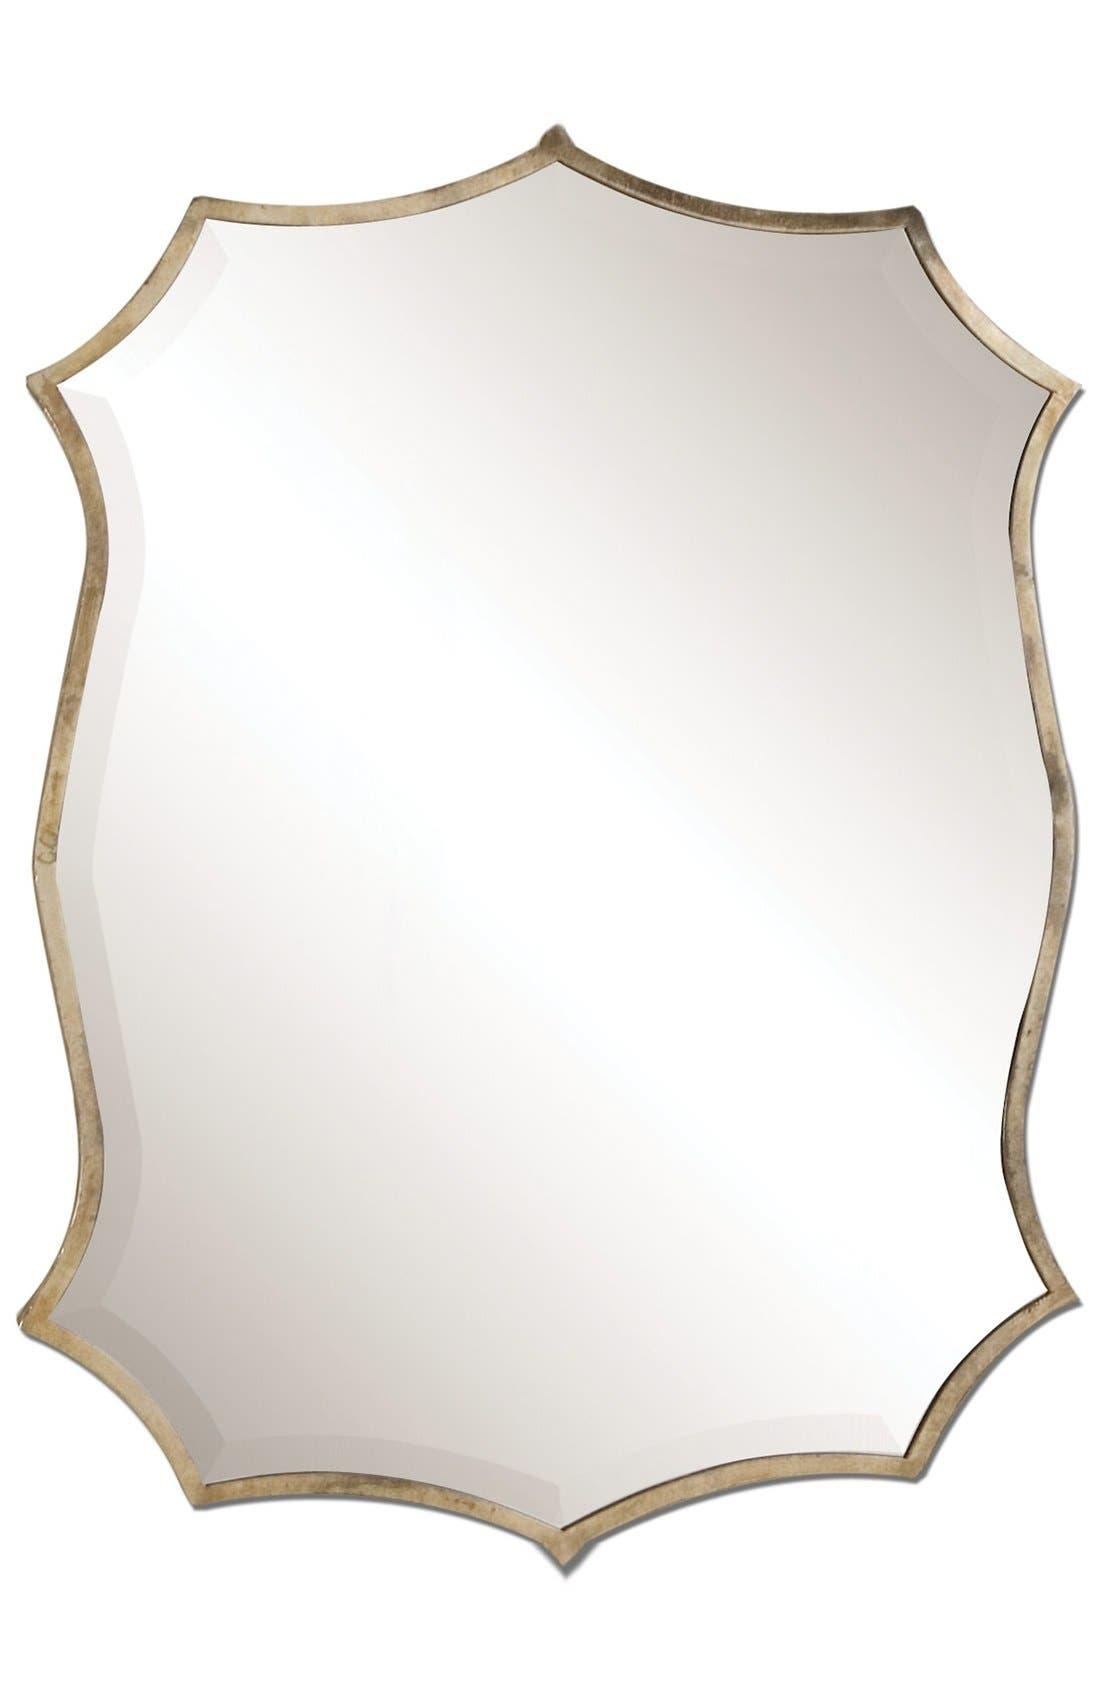 Uttermost 'Migiana' Oxidized Nickel Wall Mirror